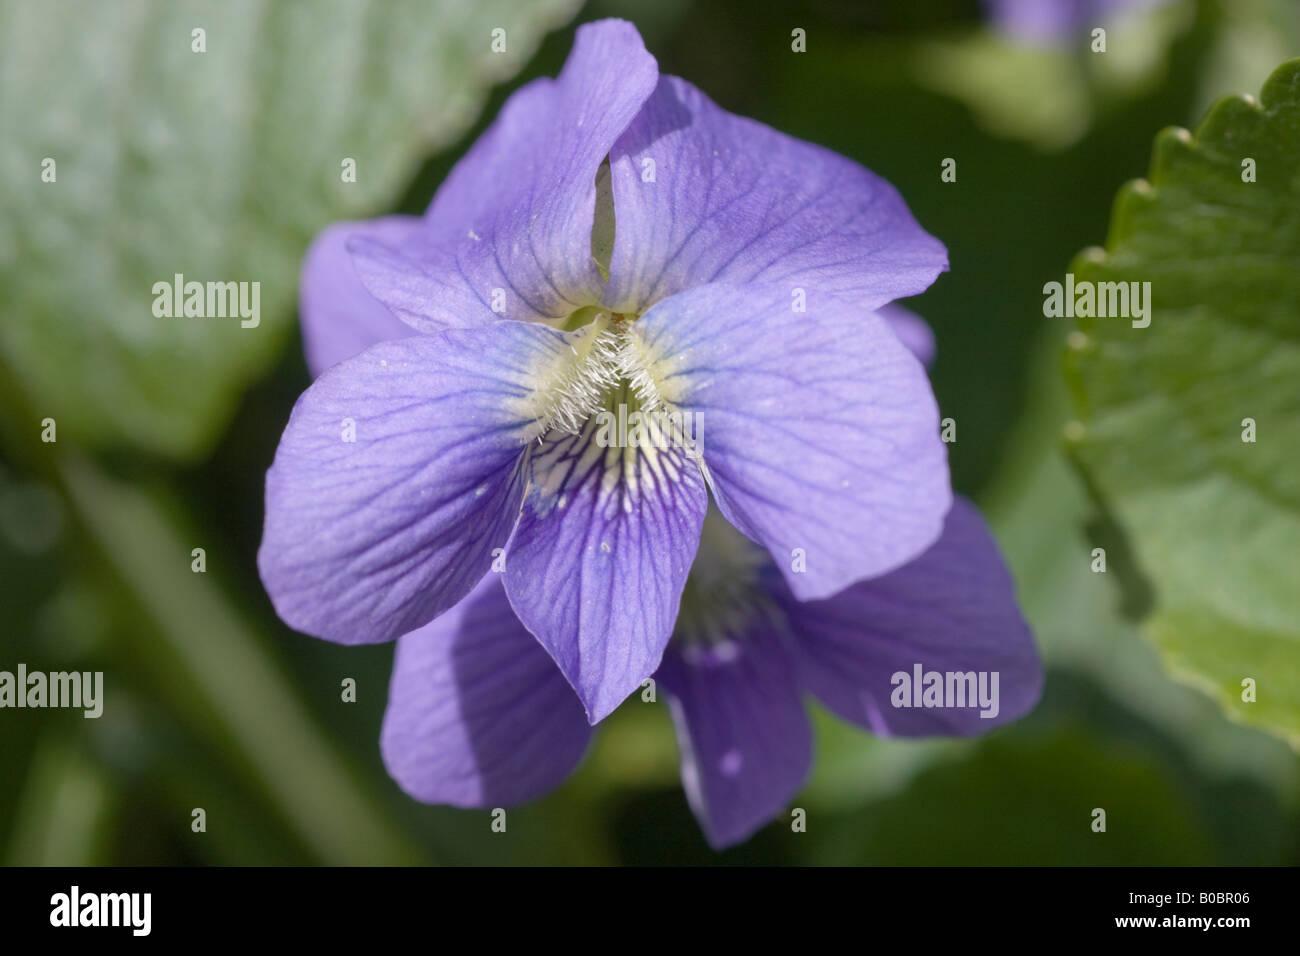 Un Gros Plan De La Fleur Bleue D Un Bleu Commun Violette Viola